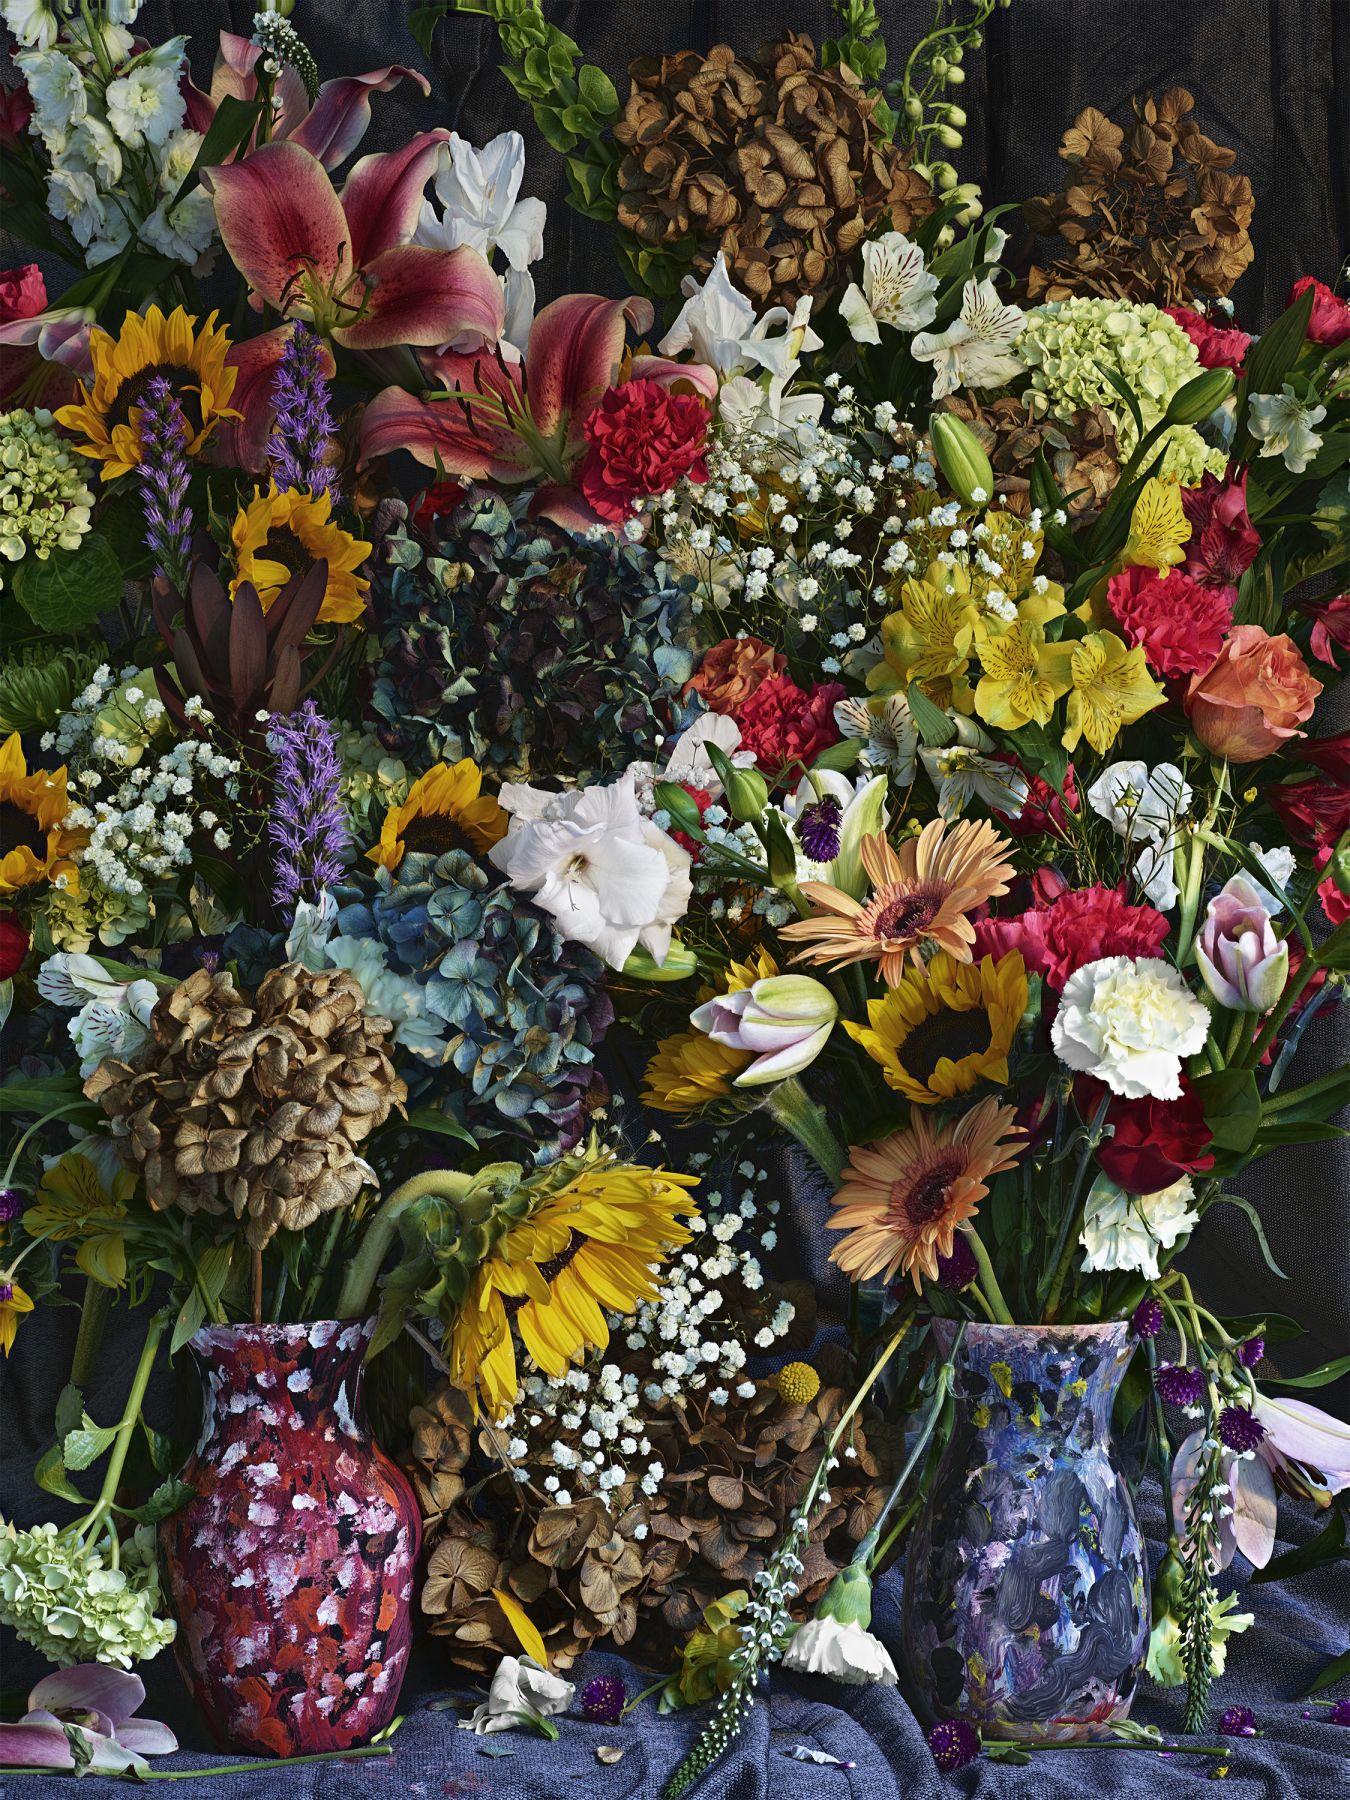 Abelardo Morell Flowers for Lisa #31, 2016